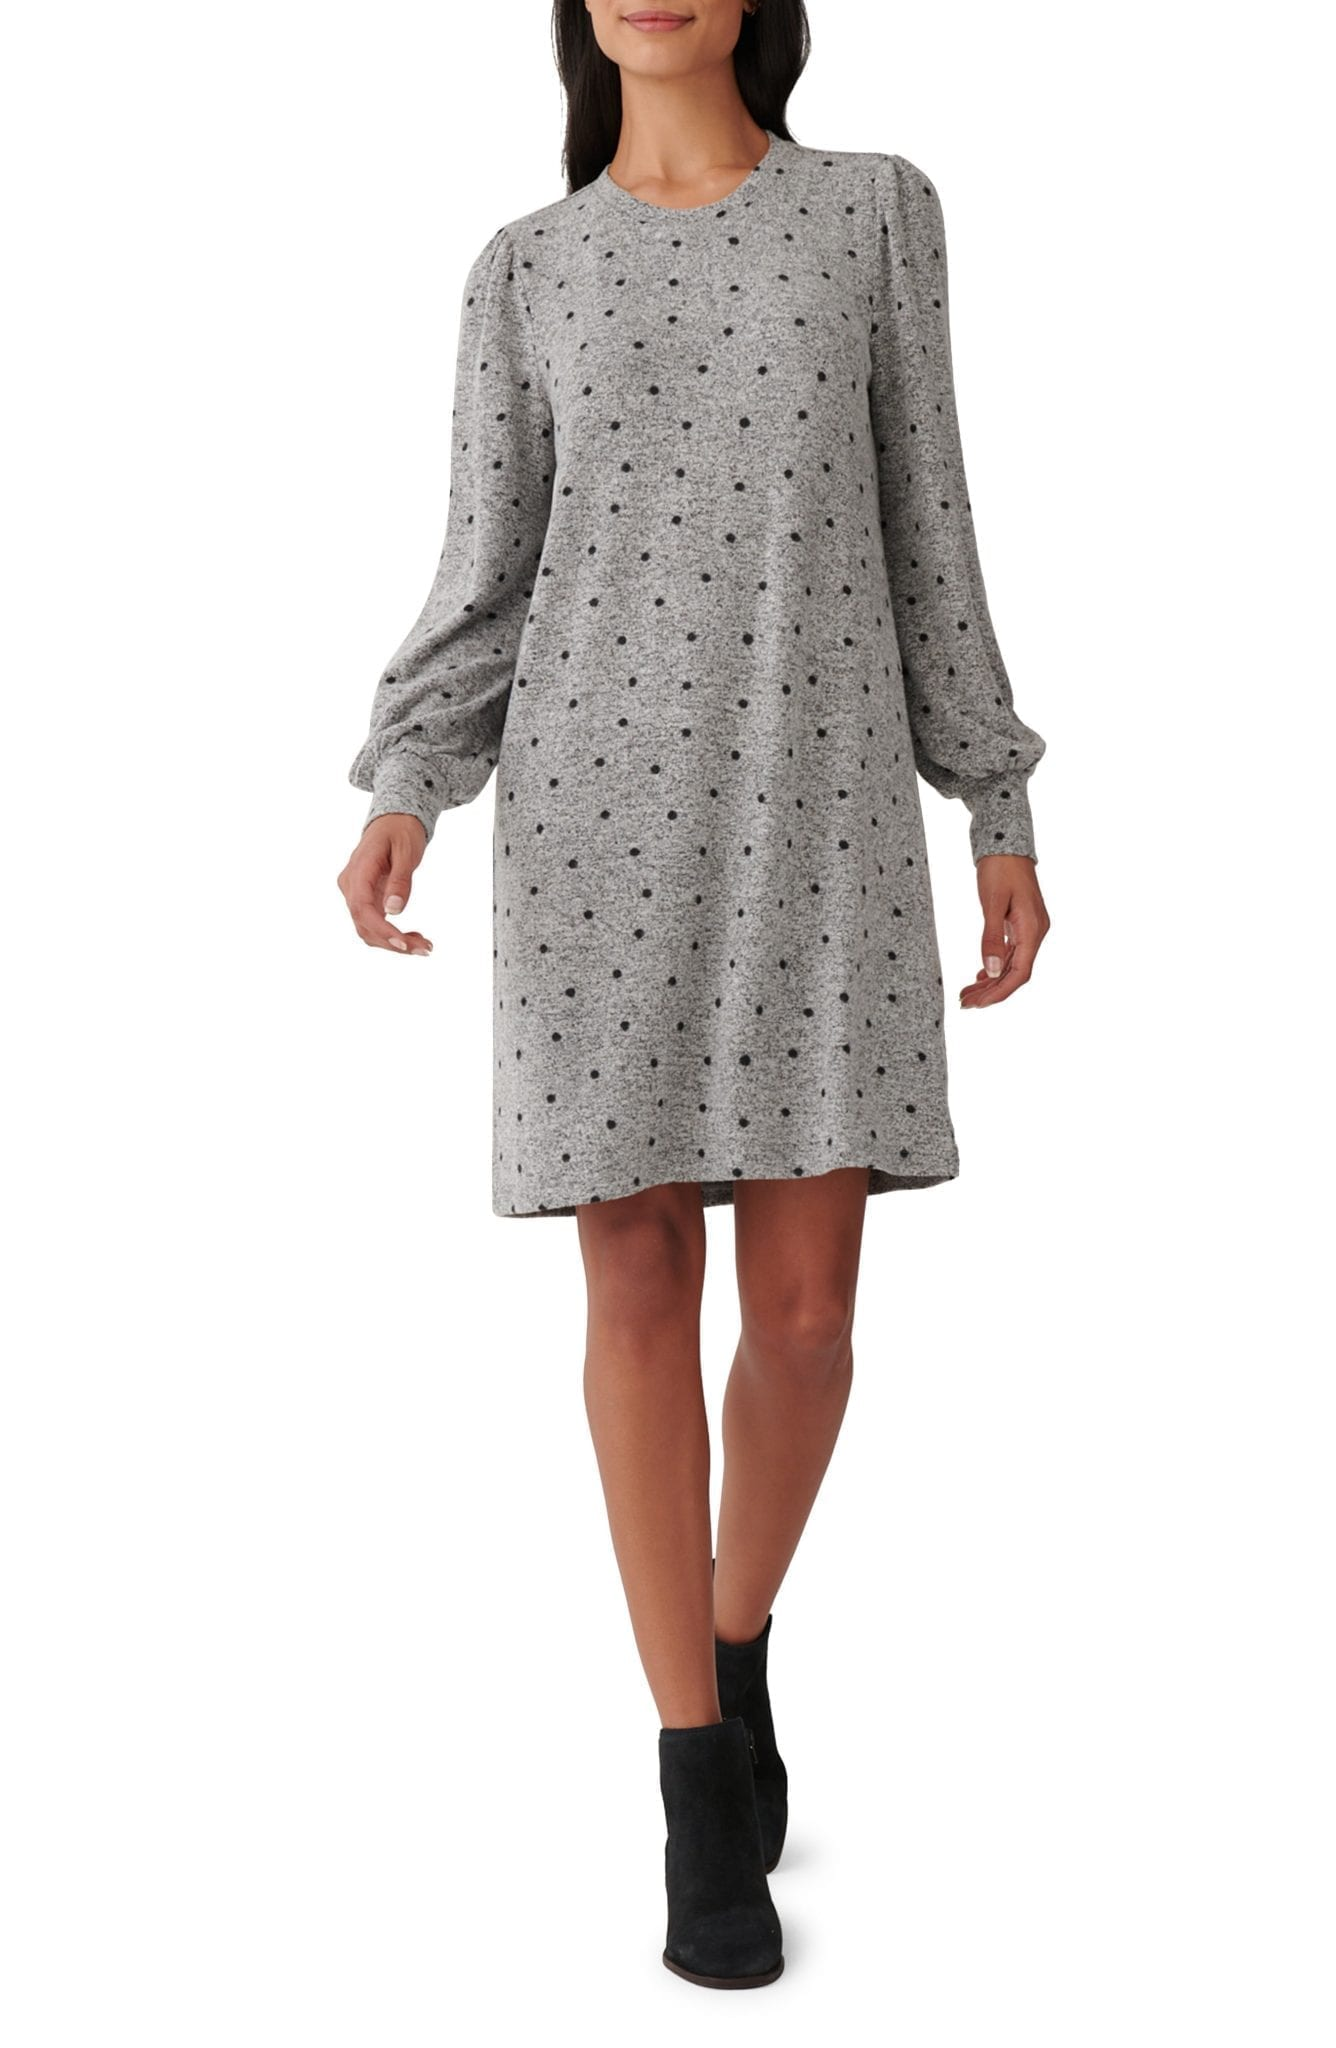 LUCKY BRAND Cozy Long Sleeve Knit Shift Dress